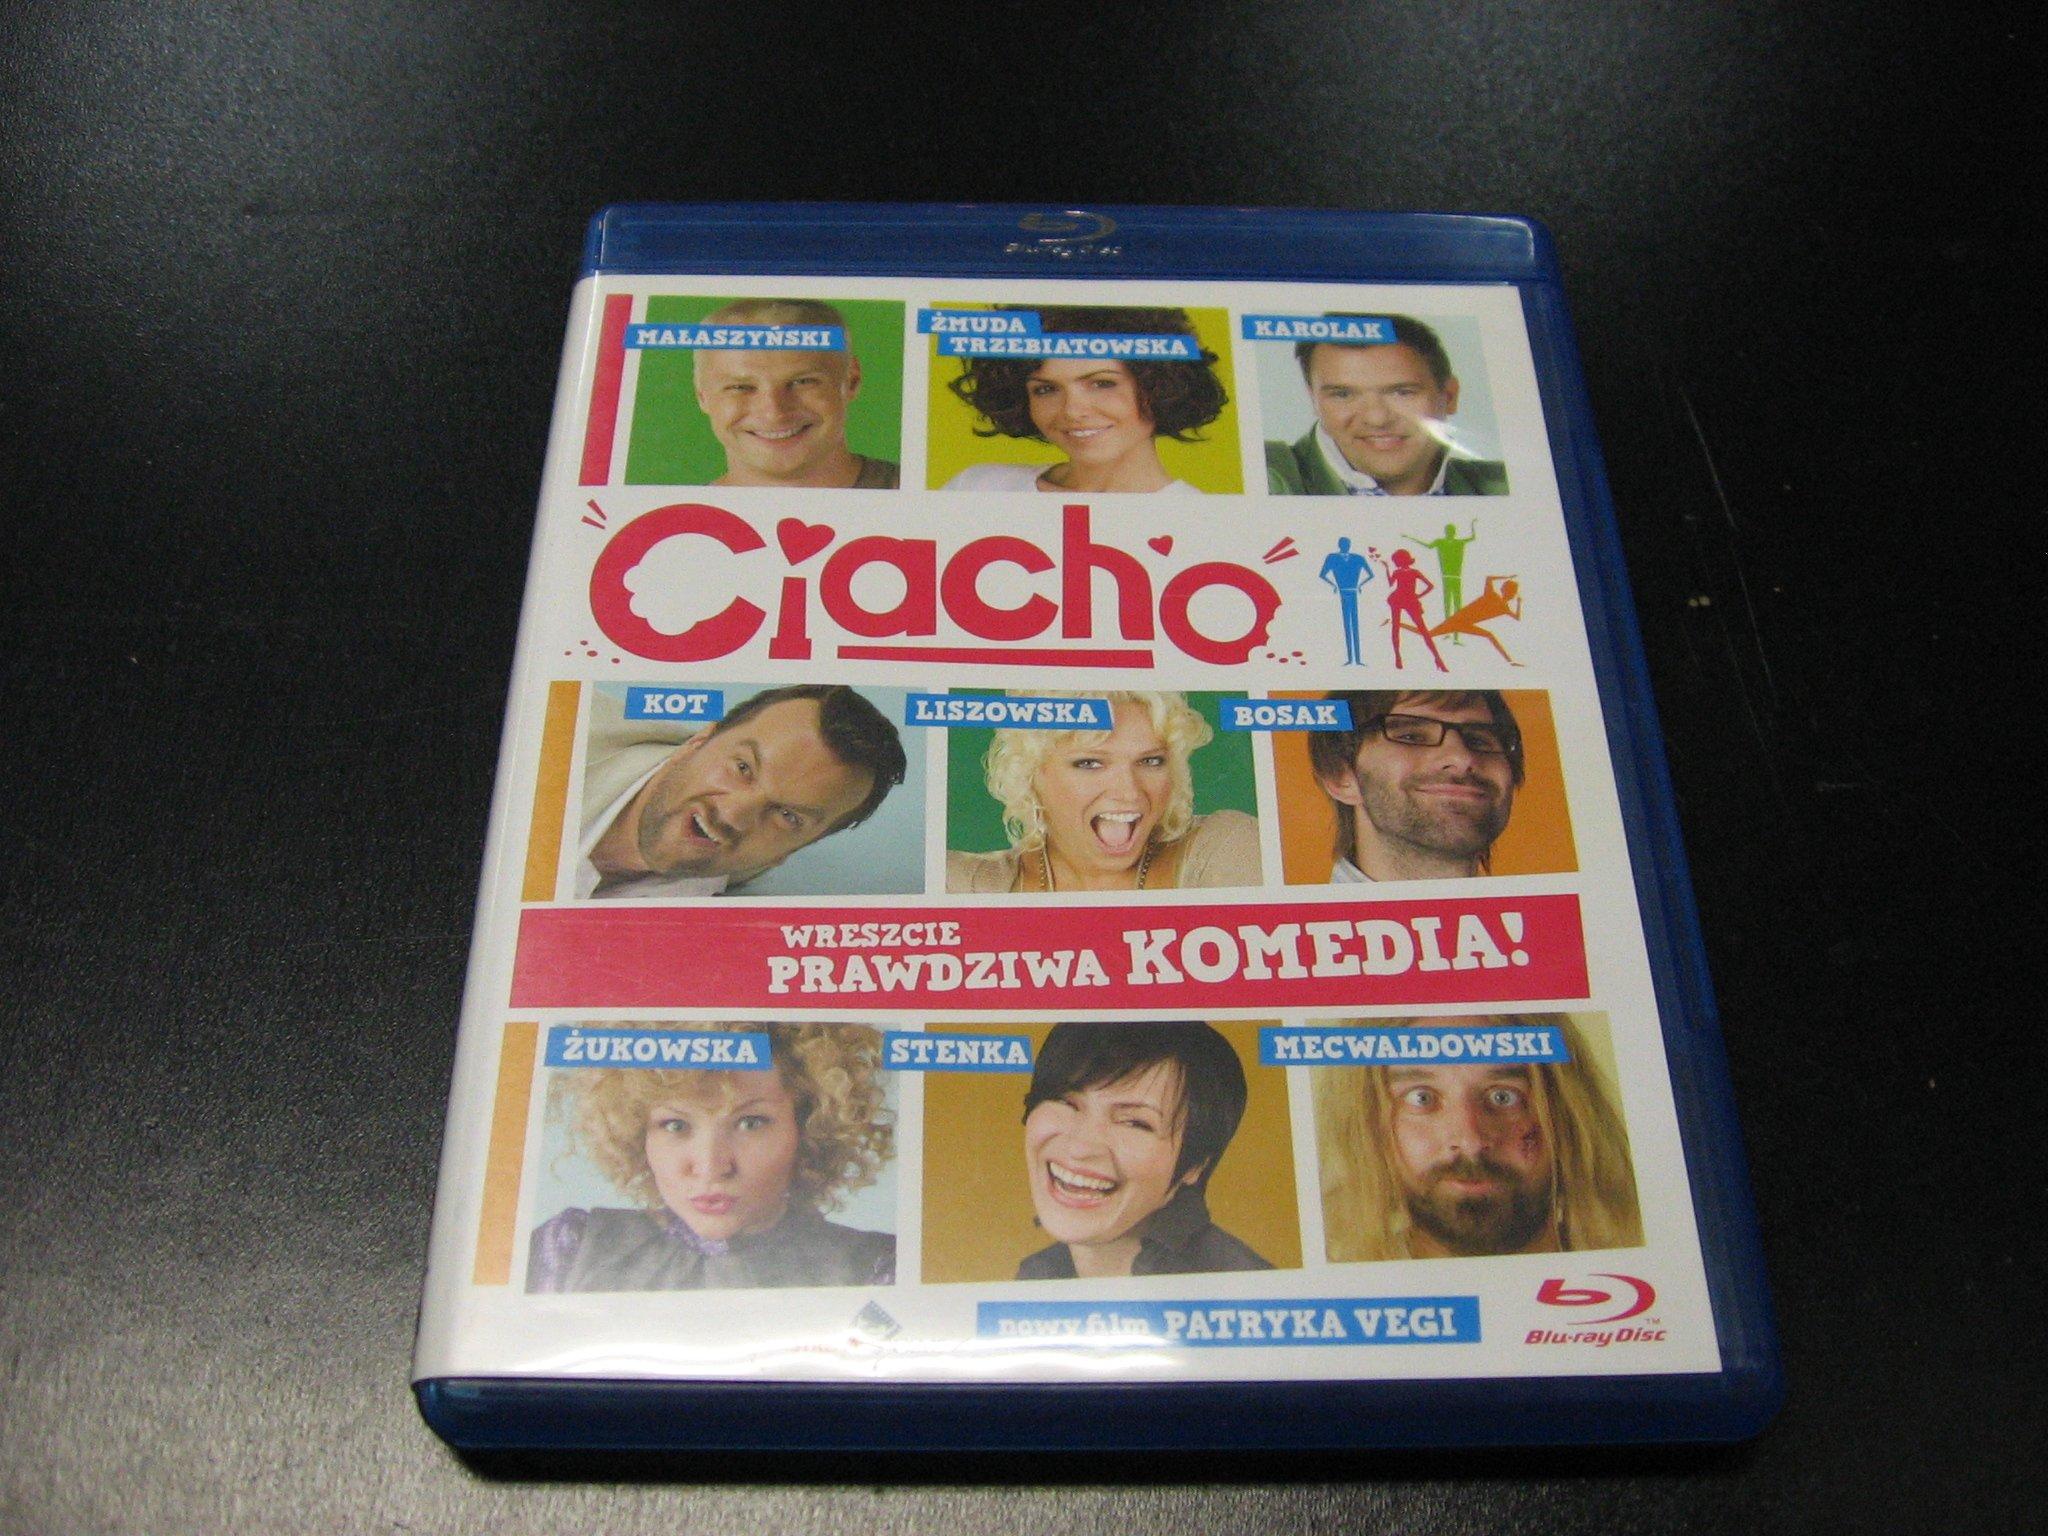 CIACHO 049 `````````` Blu-rey ```````````` Opole